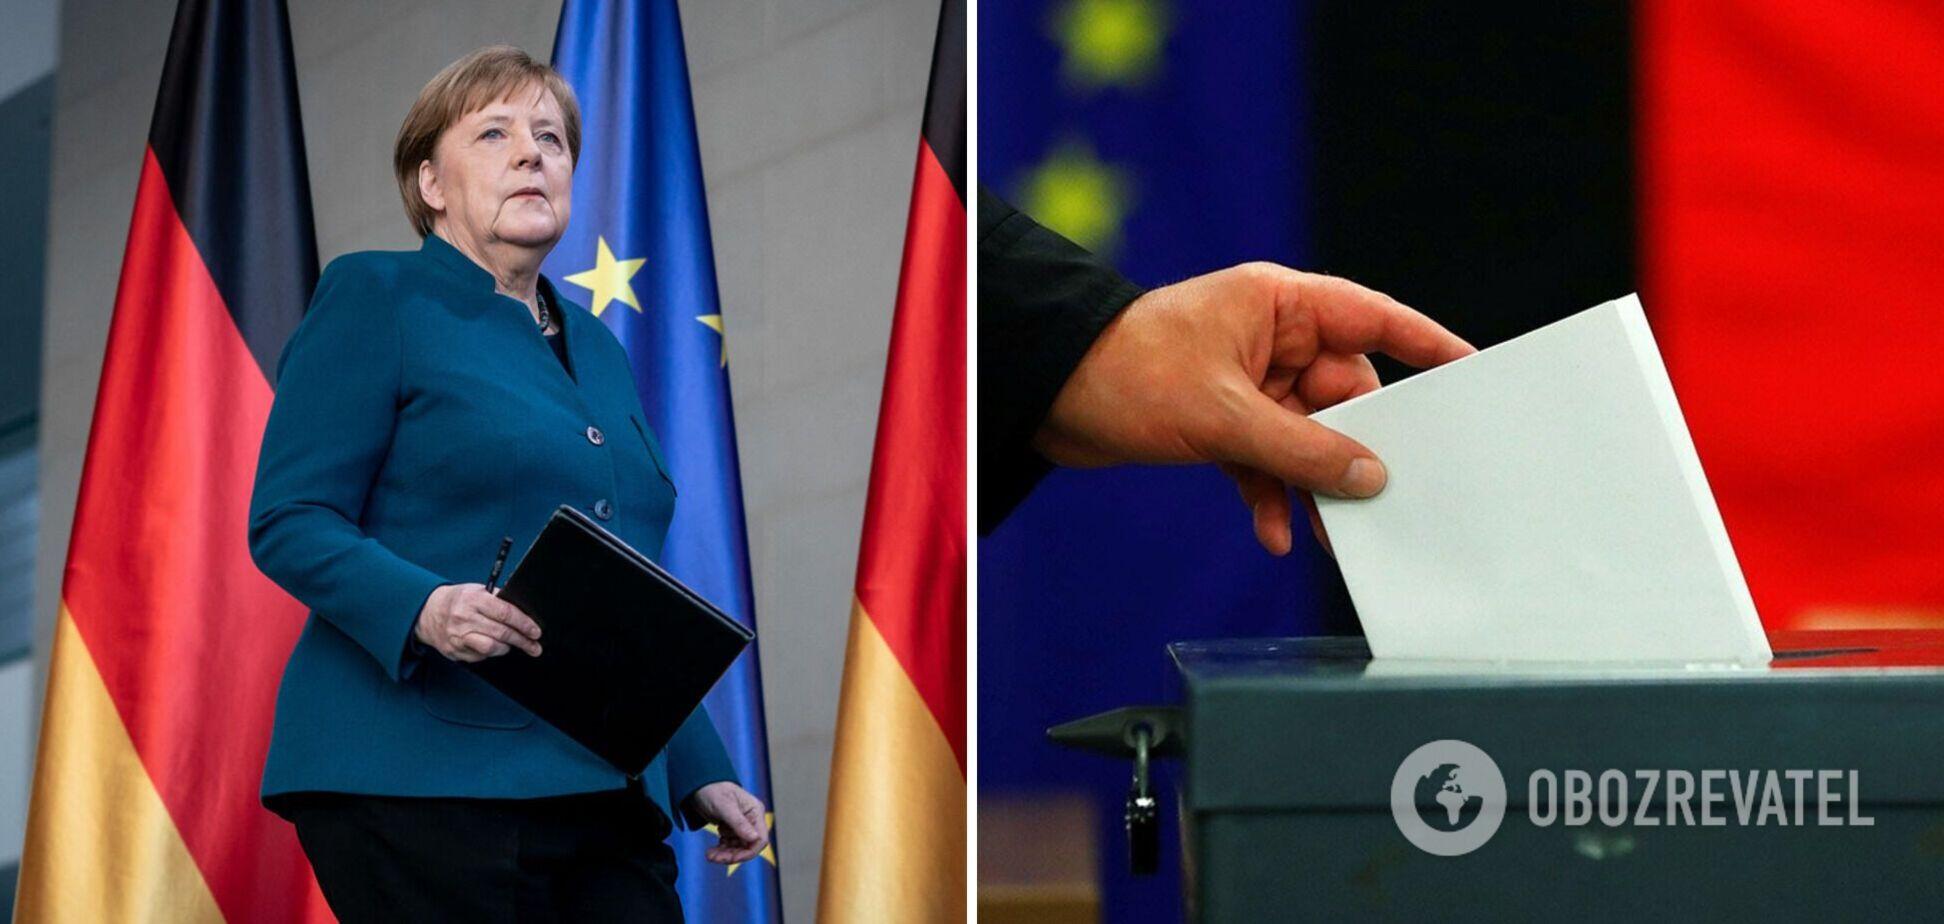 'Избирательный хаос' и бомба возле участков: как проходили исторические выборы в Германии